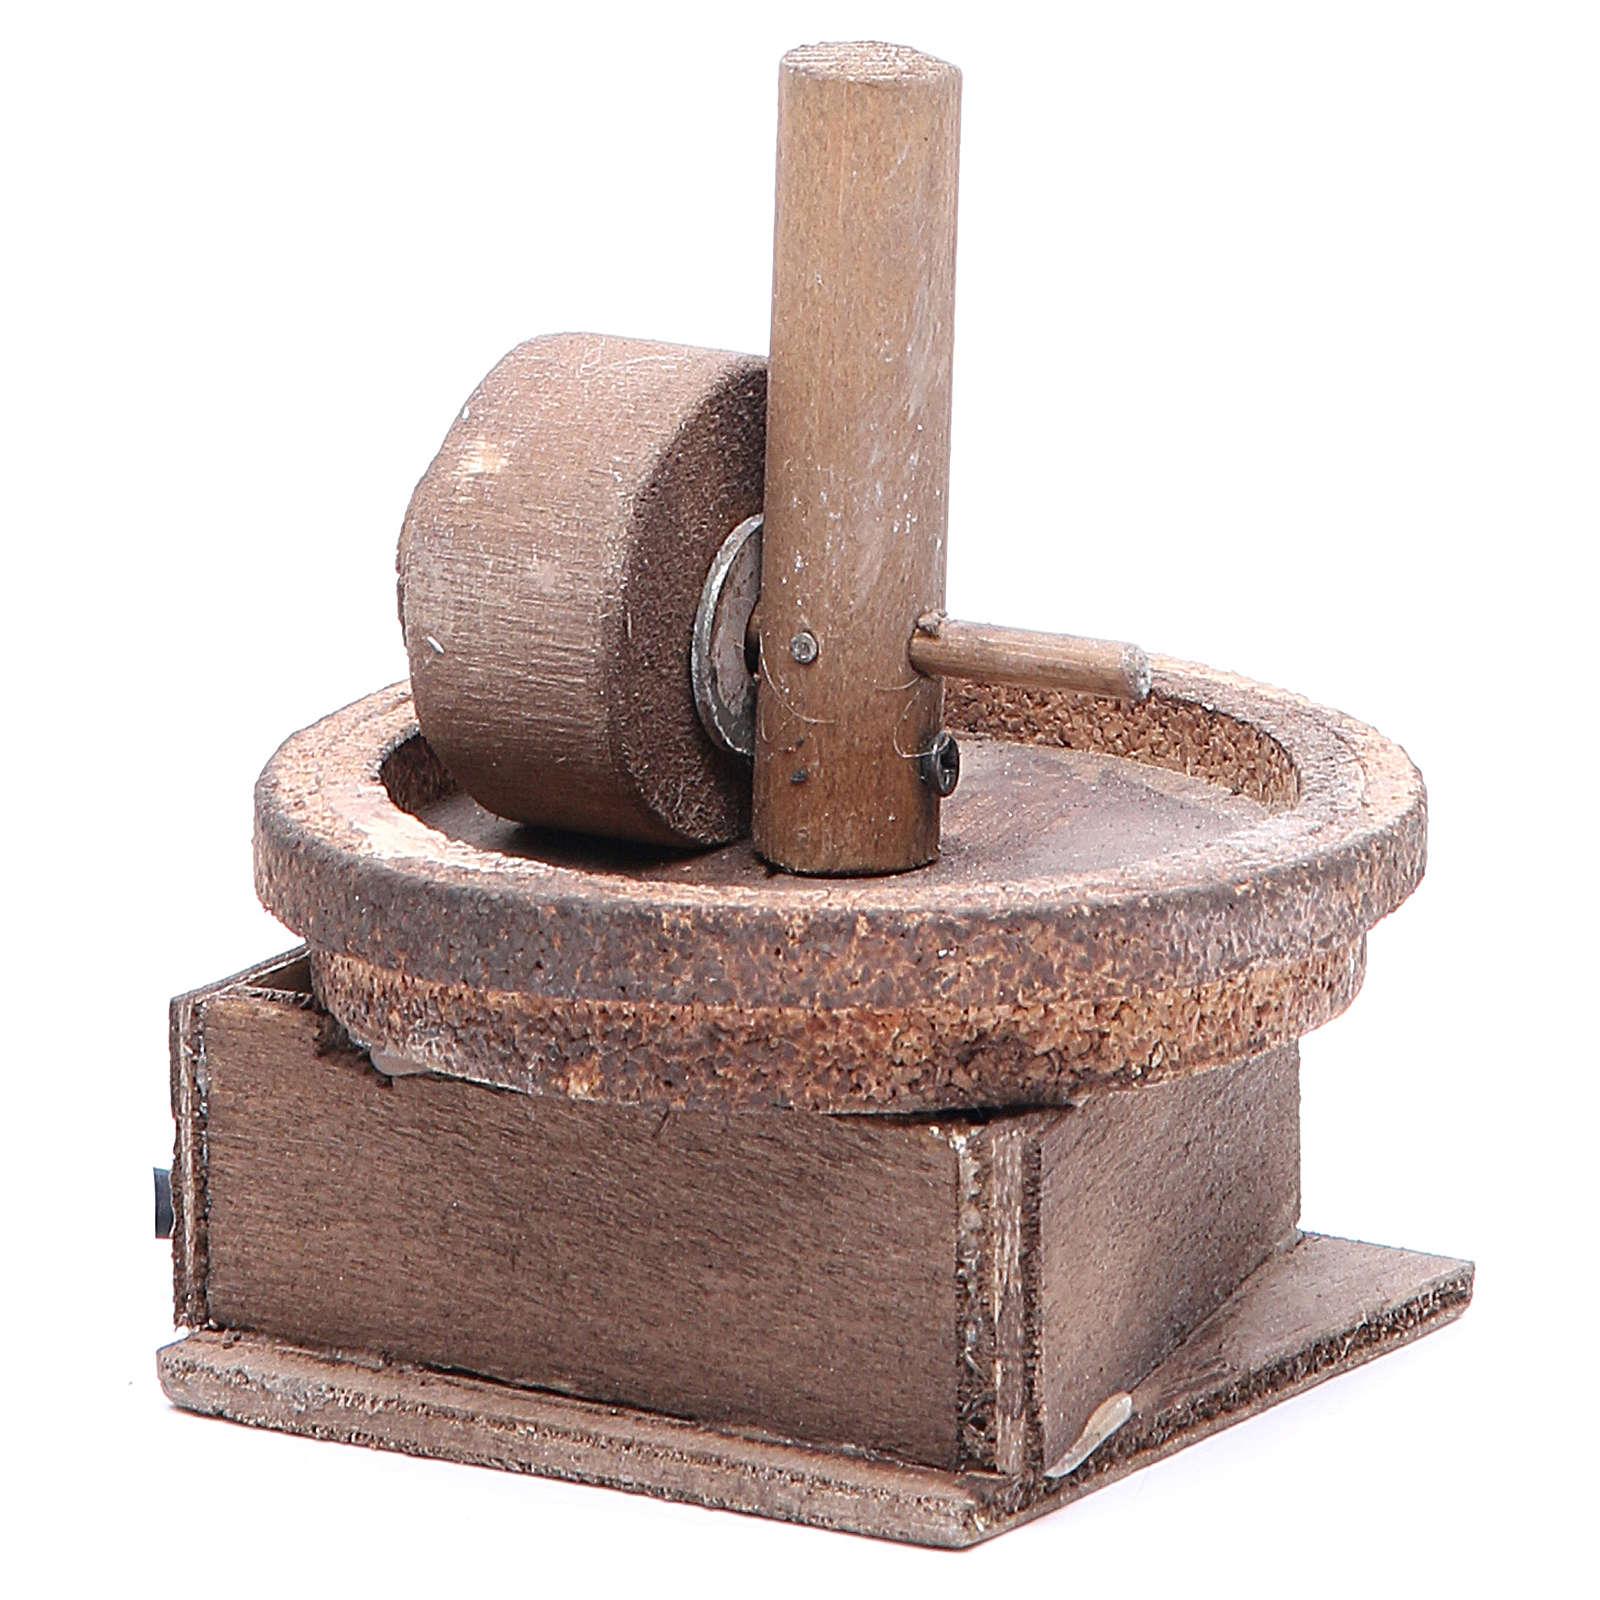 Electric olive oil press for Neapolitan Nativity measuring 11x9cm 4